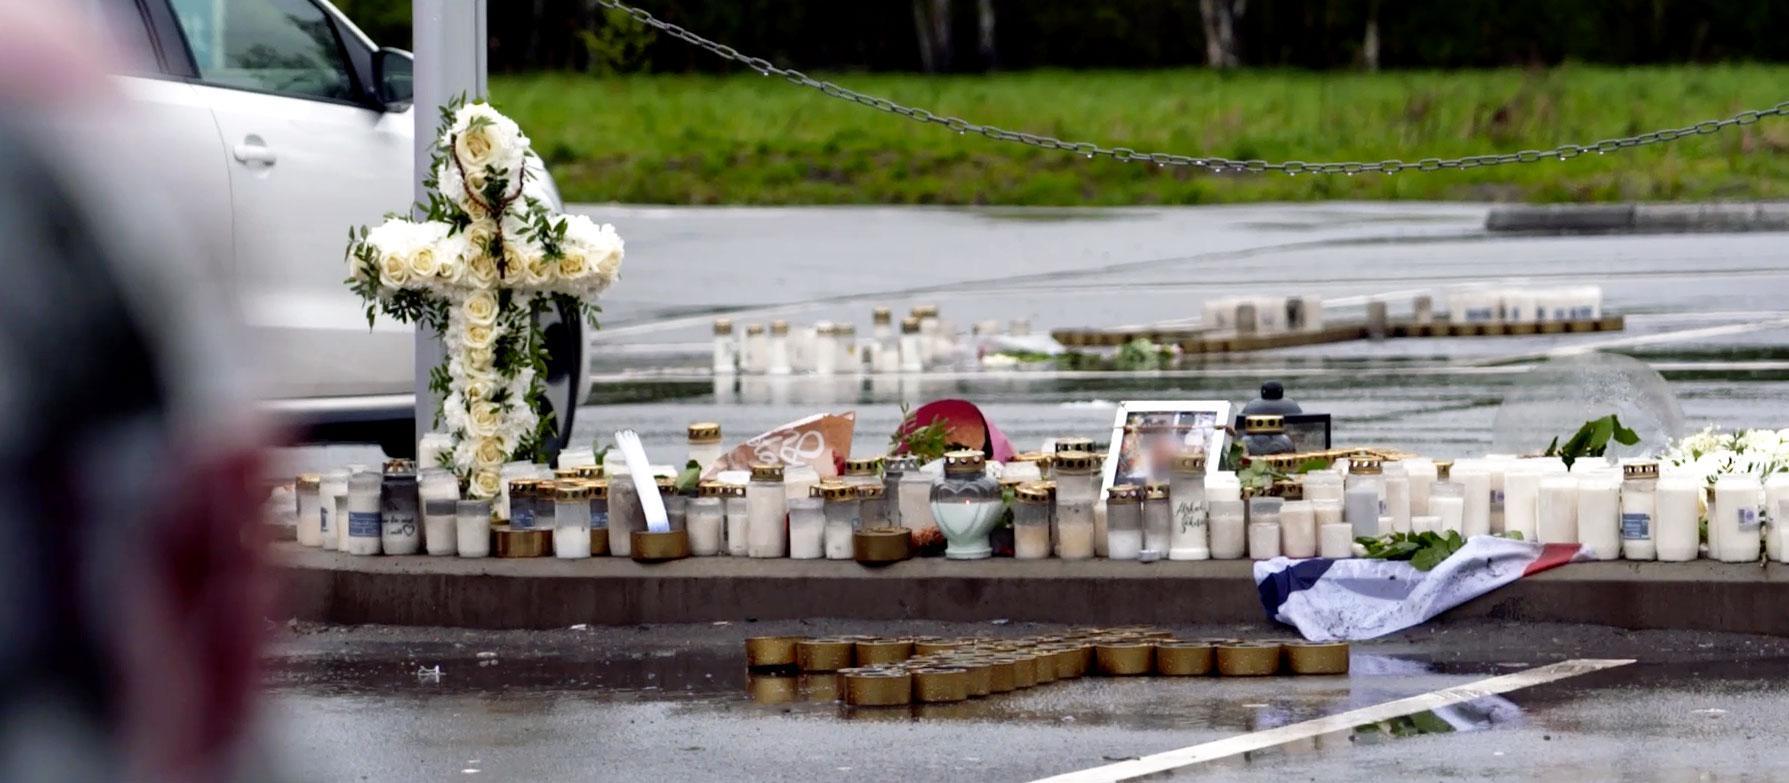 Sörjande har lämnat blommor och ljus vid mordplatsen.